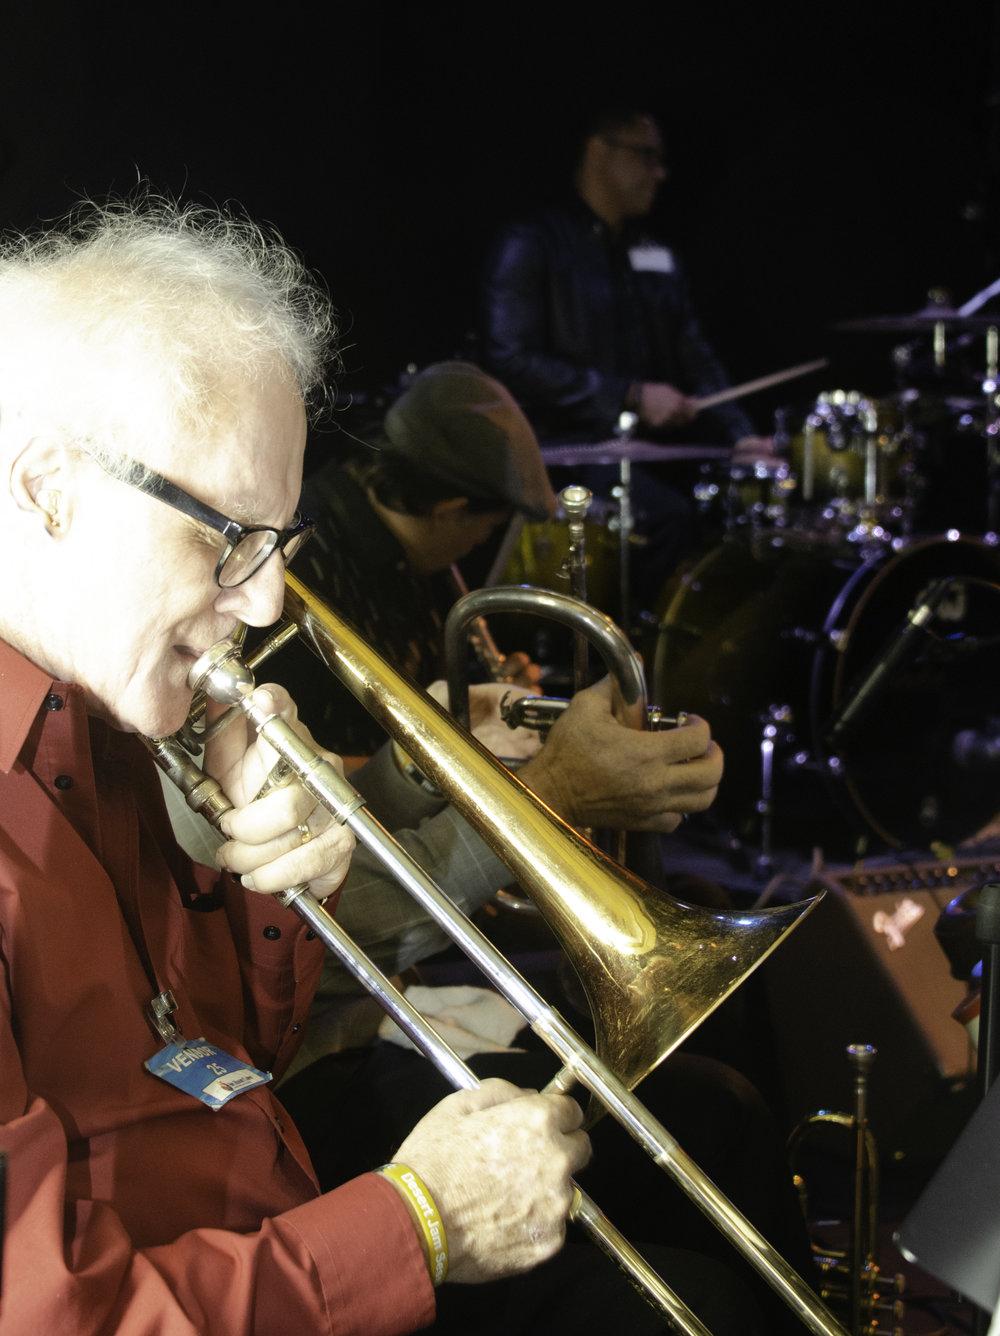 trombonist.jpg